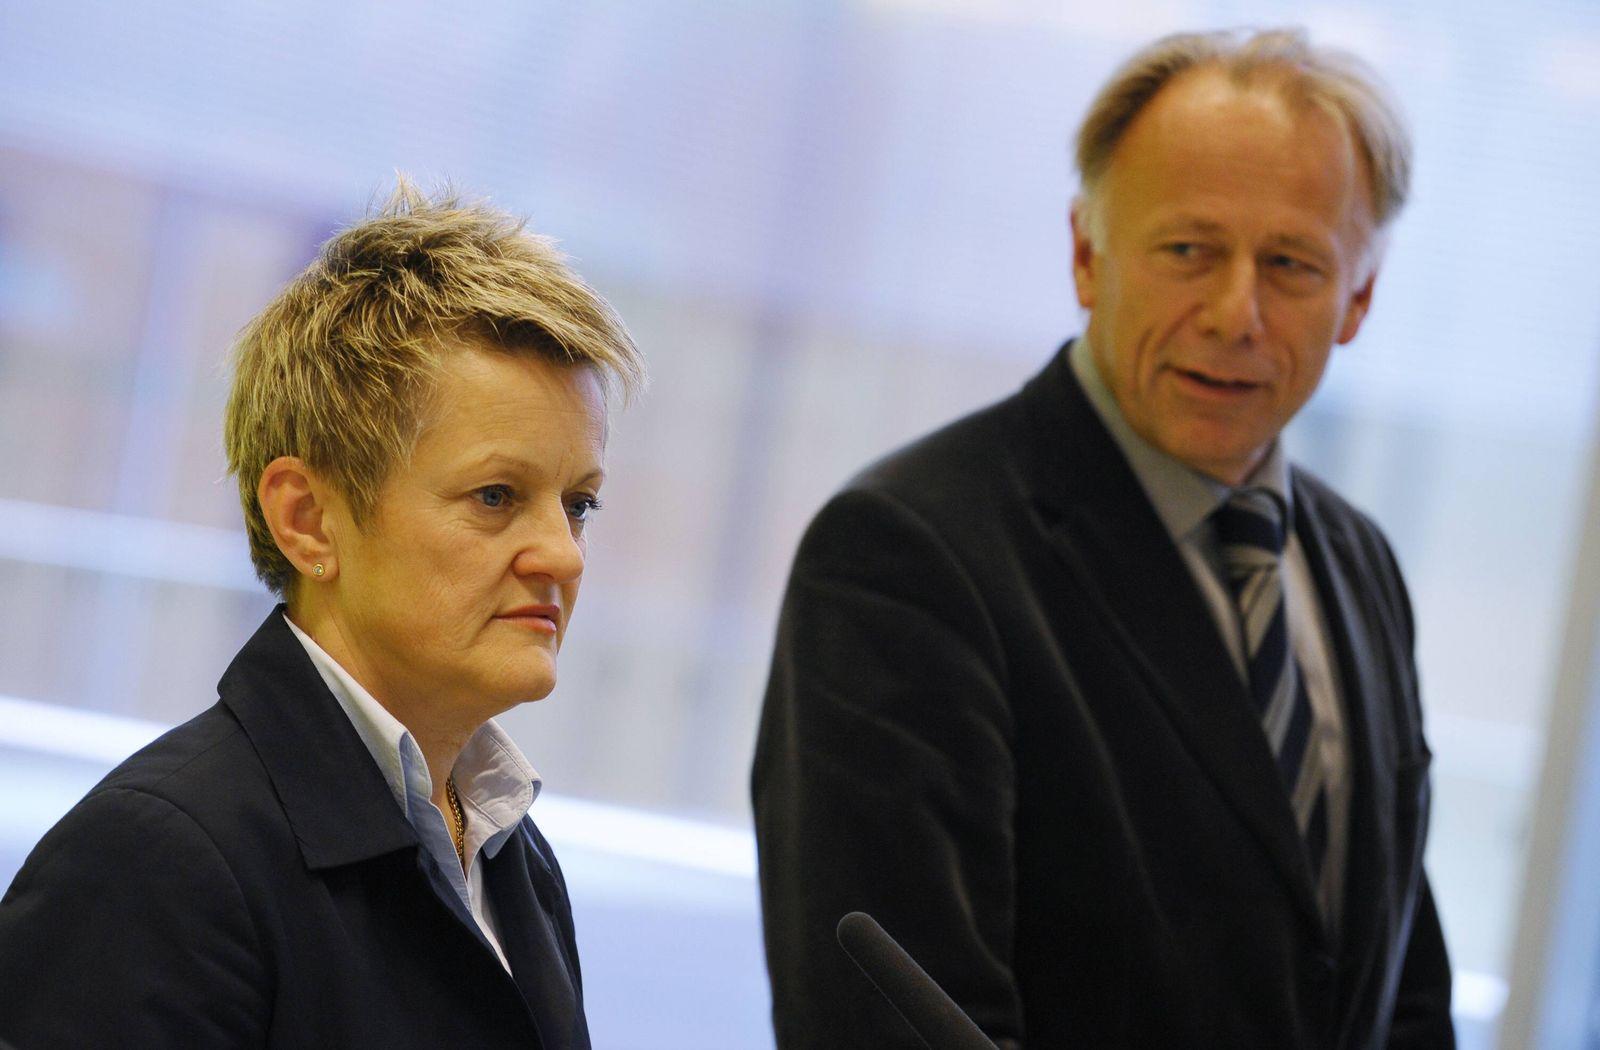 NICHT VERWENDEN Renate Künast und Jürgen Trittin